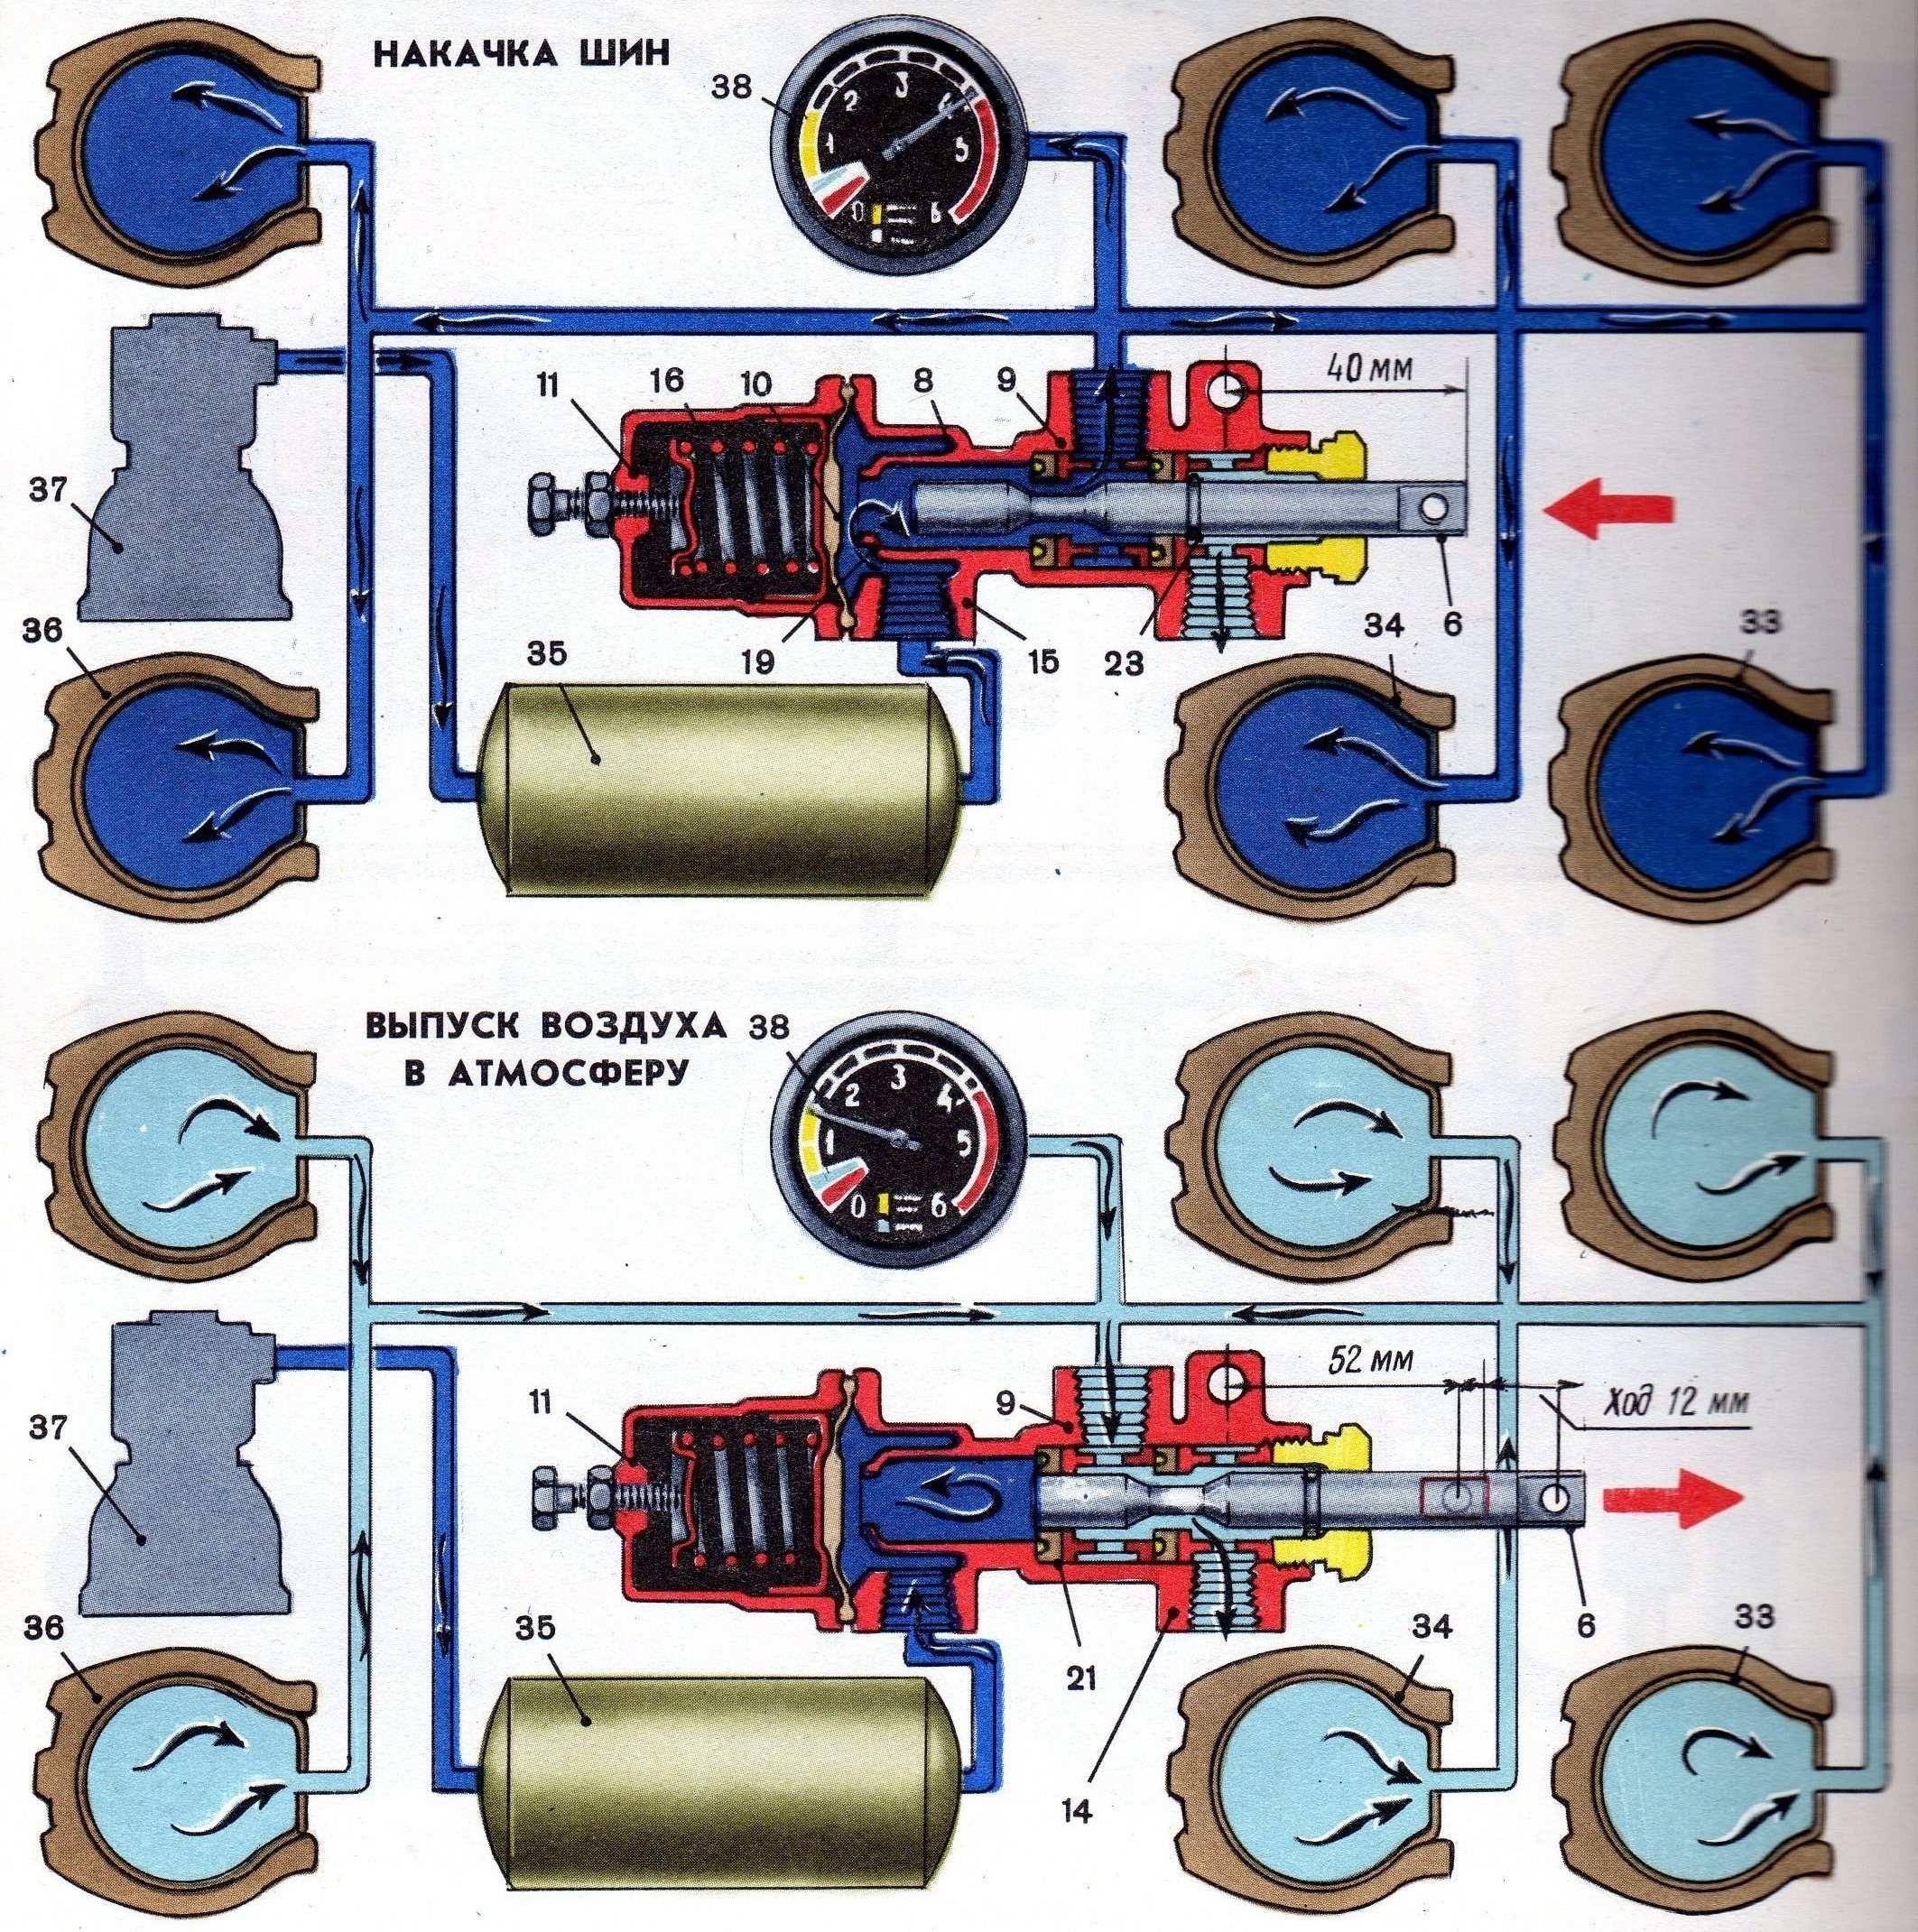 Работа крана управления давлением воздуха в шинах при накачке шин и выпуске воздуха в атмосферу